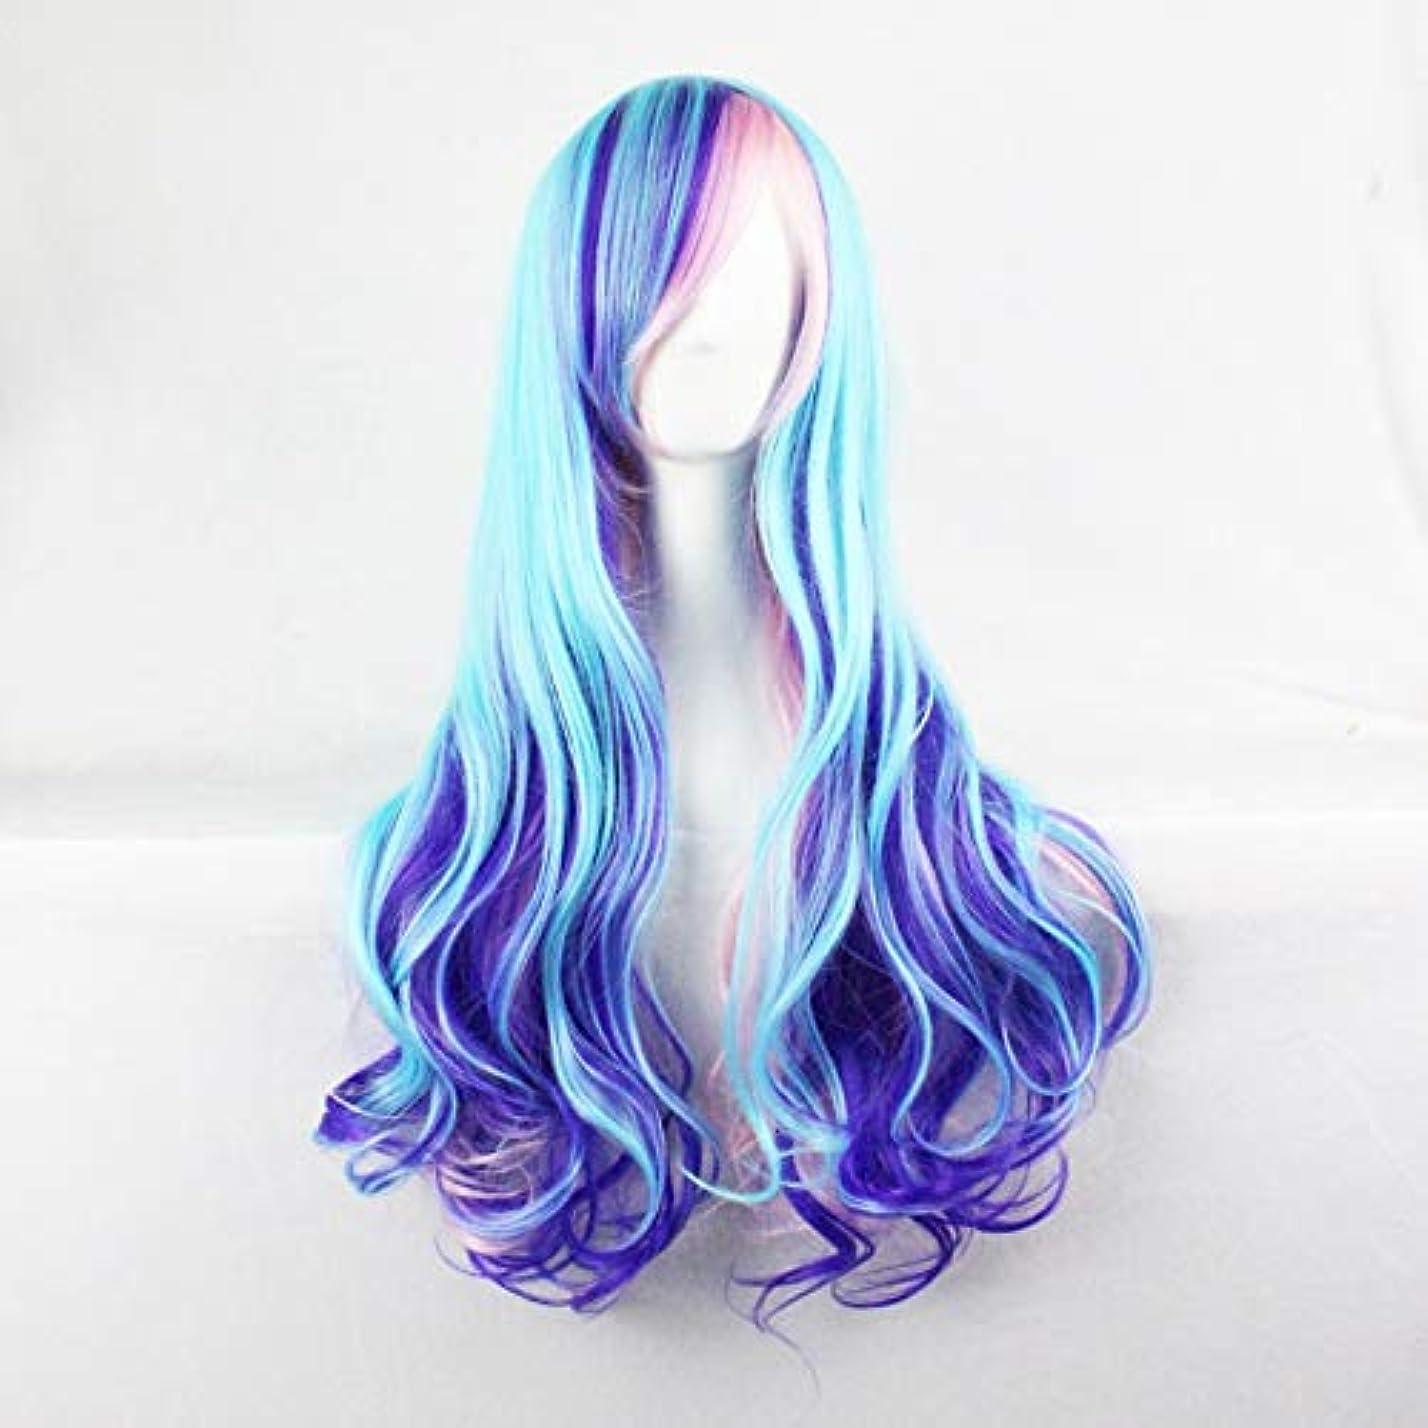 おかしい入射ブロンズかつらキャップでかつらファンシードレスカールかつら女性用高品質合成毛髪コスプレ高密度かつら女性&女の子ブルー、ピンク、パープル (Color : 青)